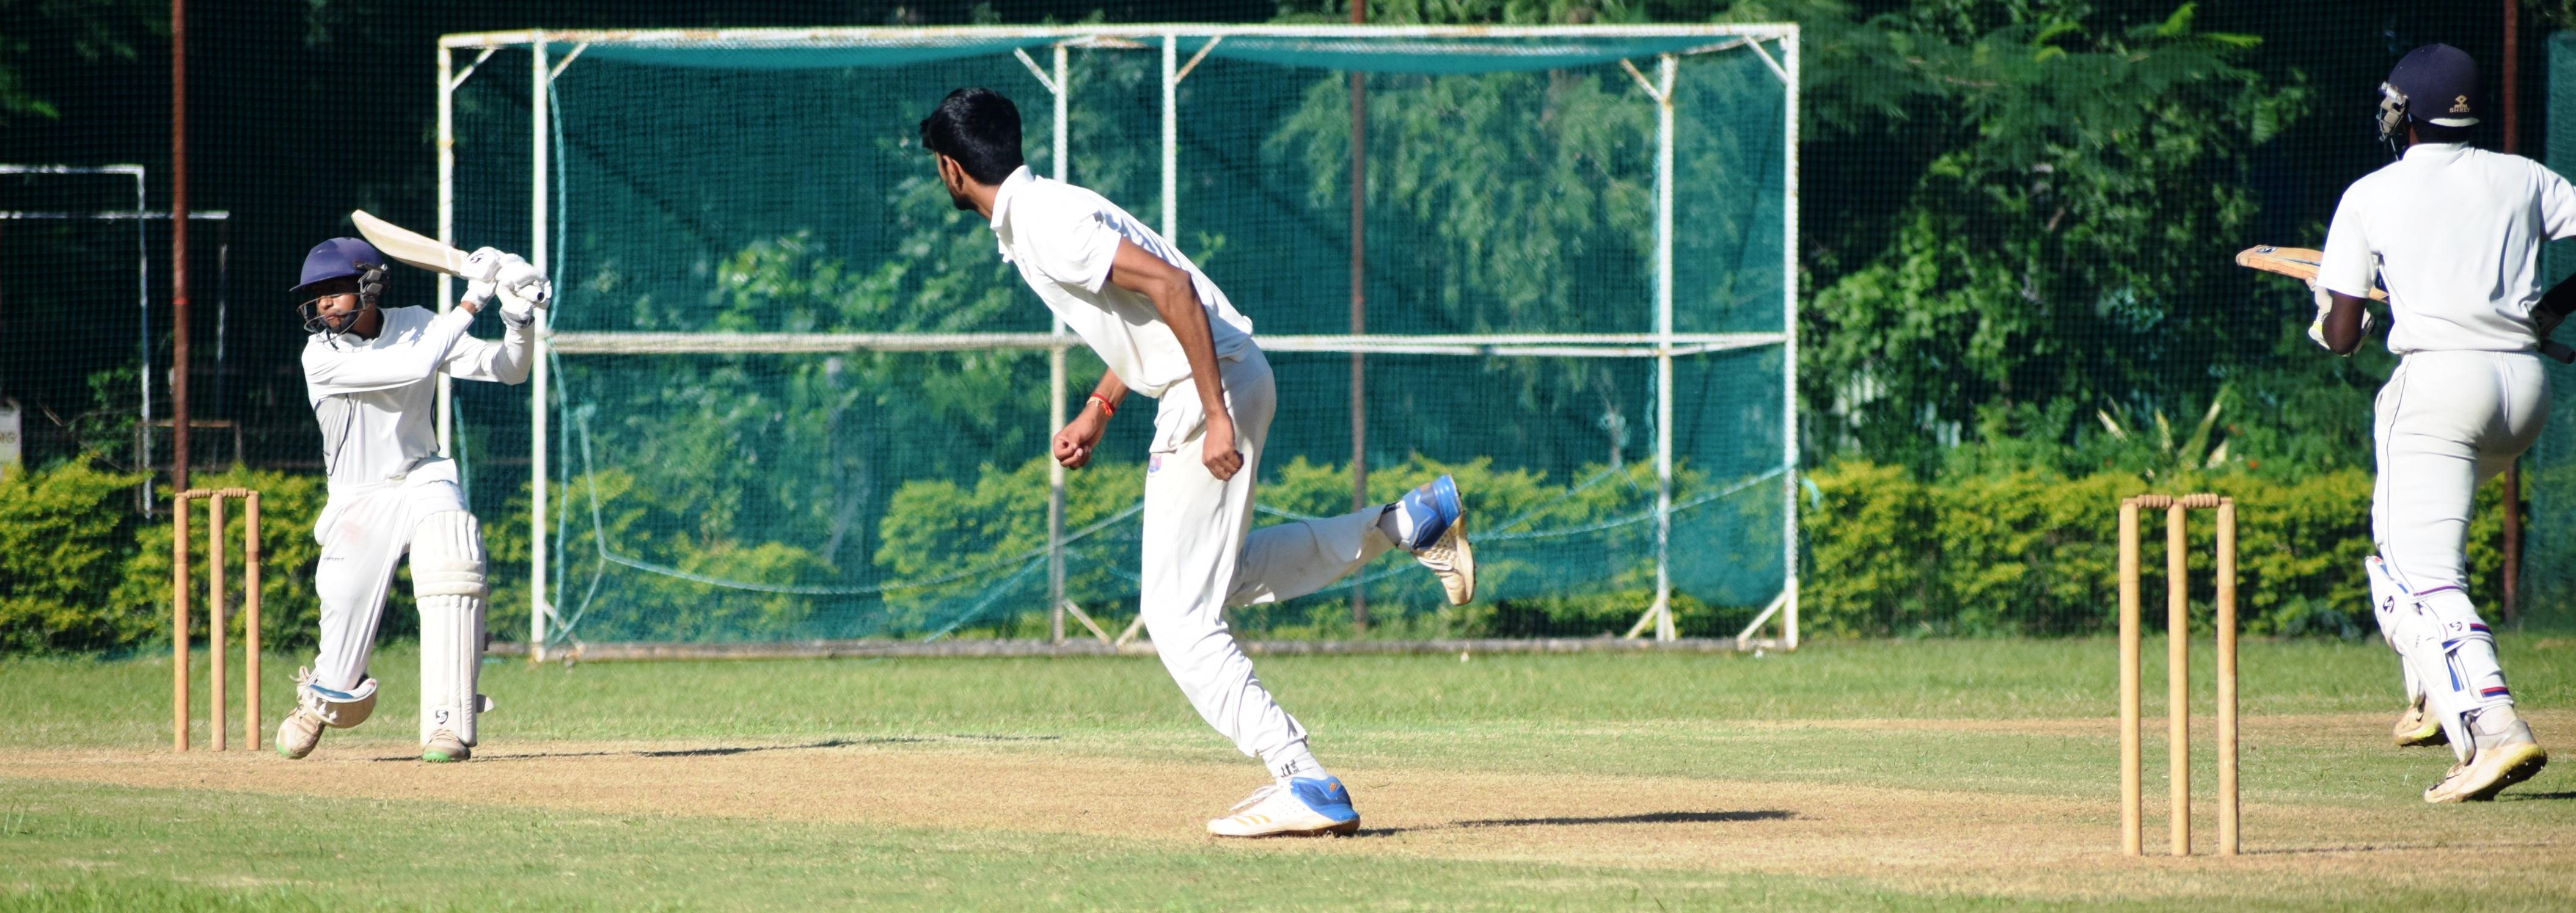 19 वर्षाखालील क्रिकेट स्पर्धेत संयुक्त क्लब संघाची व्हेरॉक संघावर मात